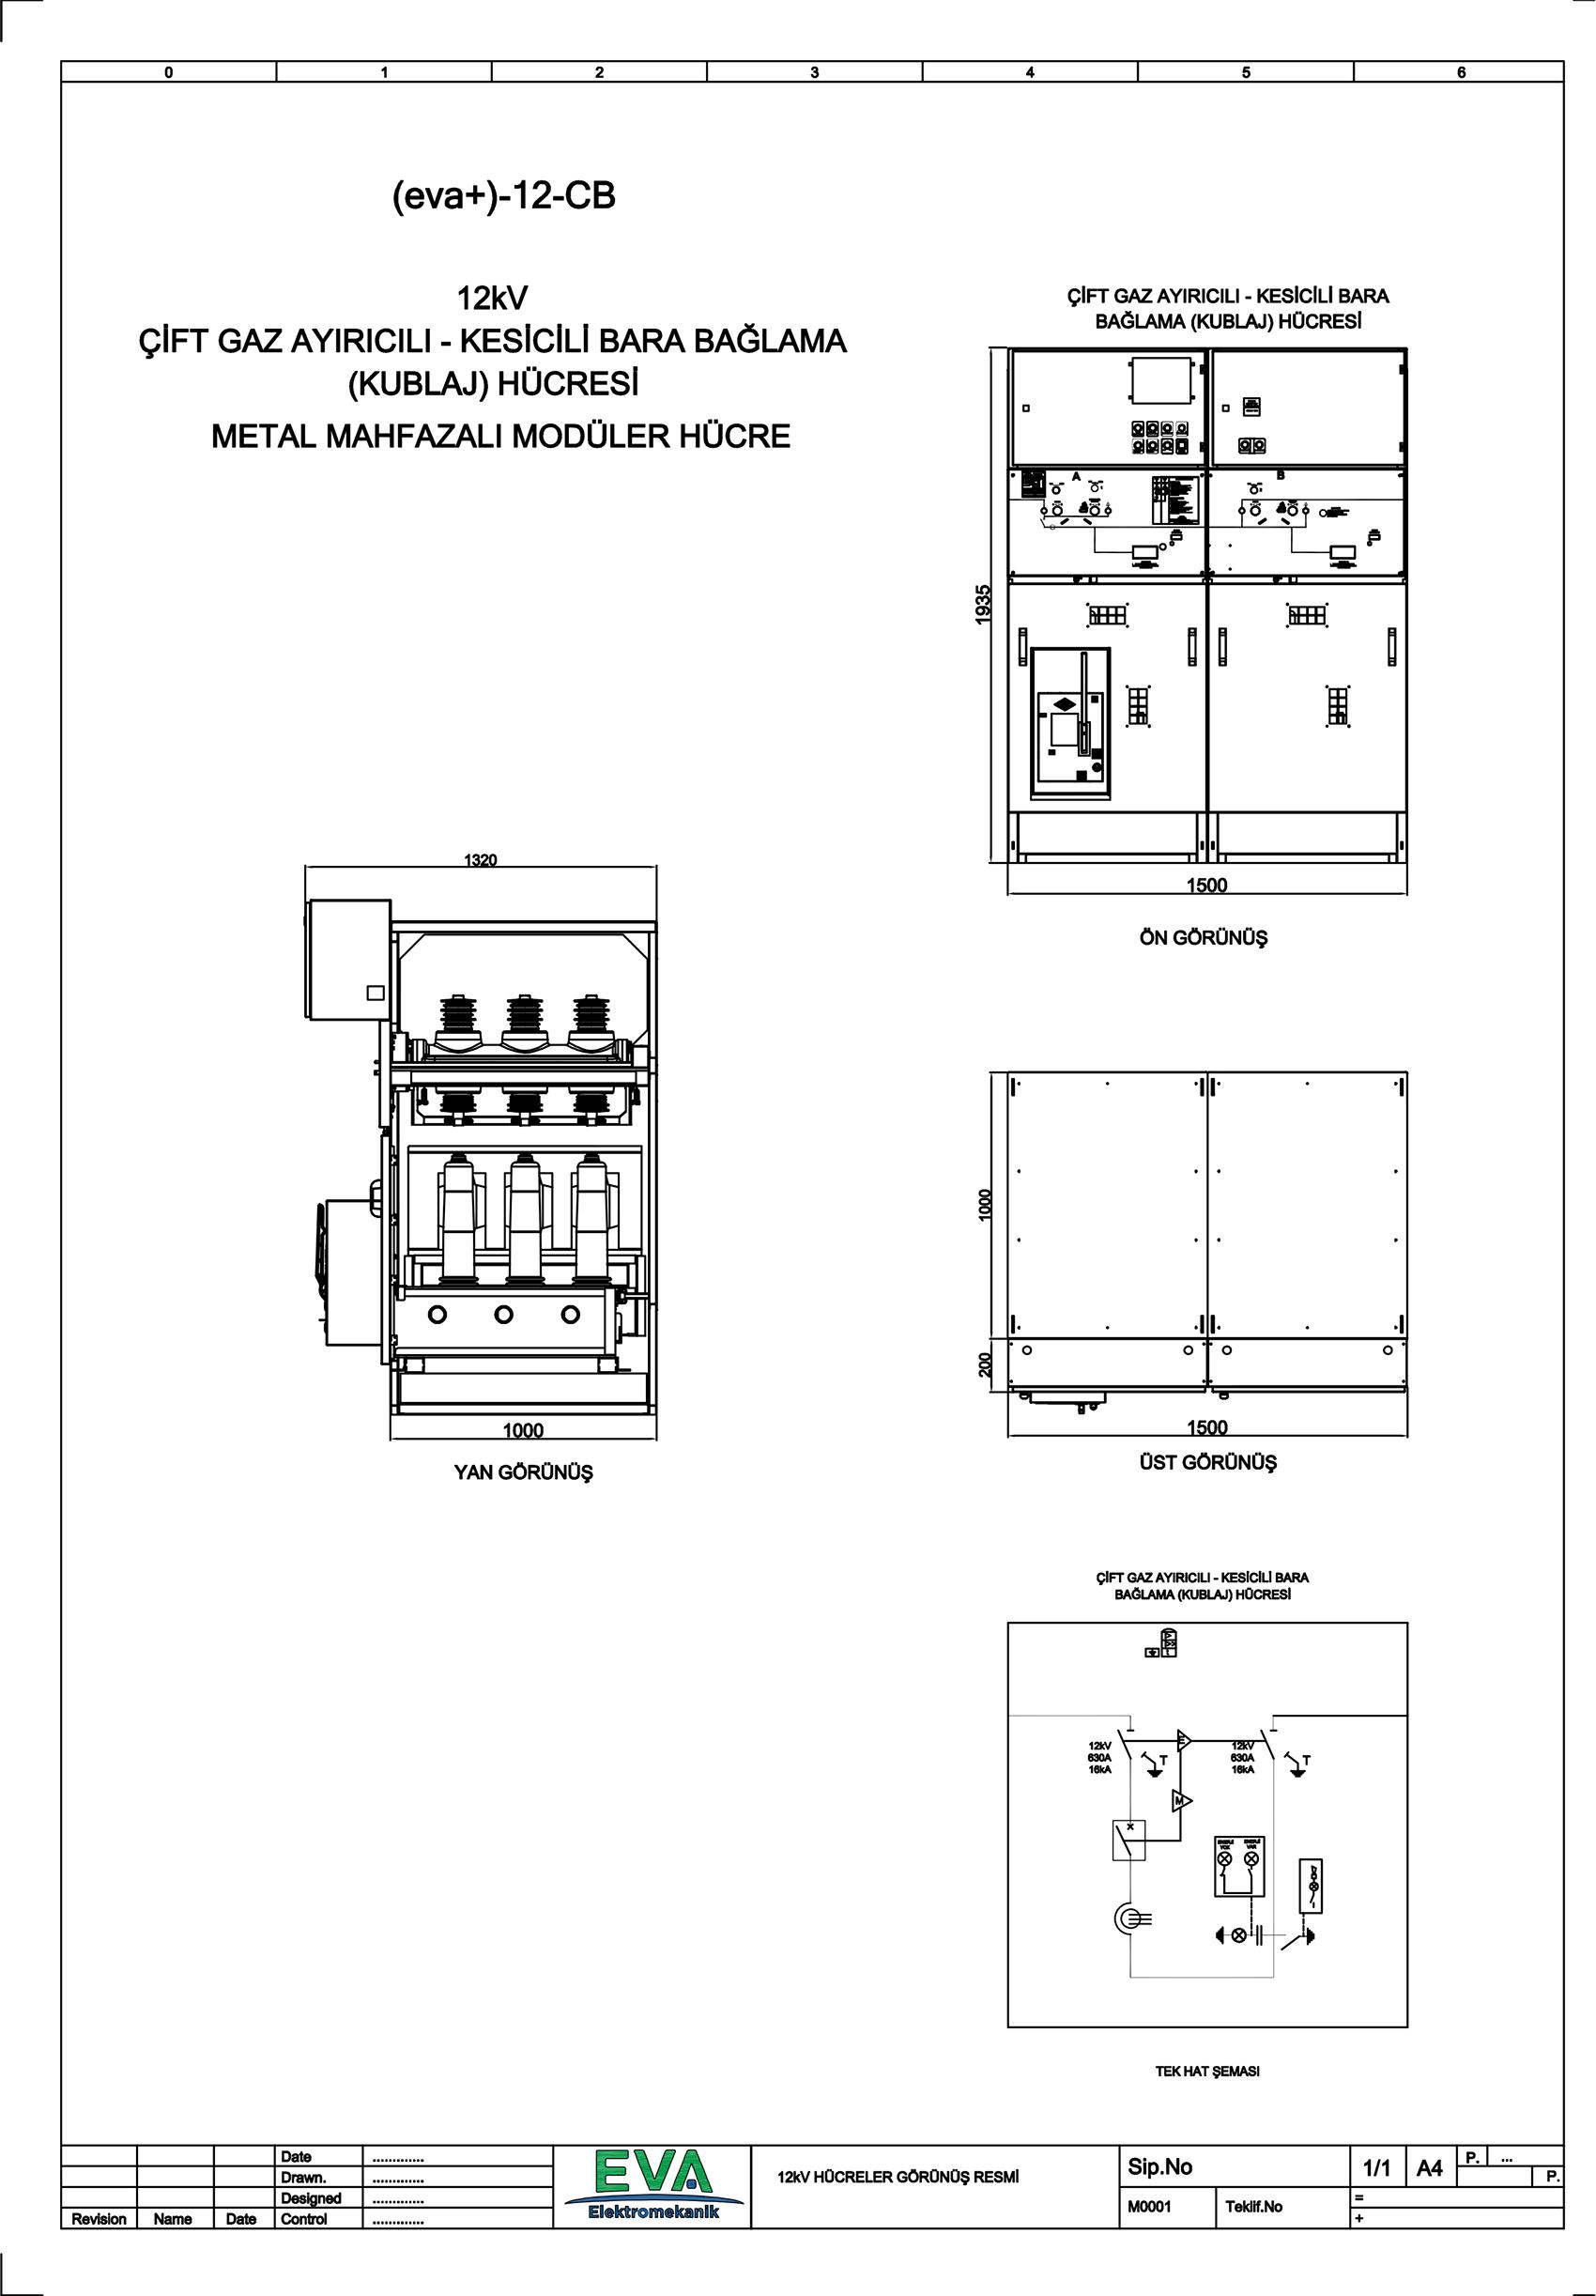 EVA+-12-CB Çift Gaz Ayırıcılı Kesicili Kublaj (Bara Bağlama) Hücresi (Metal Mahfazalı Modüler Hücre)